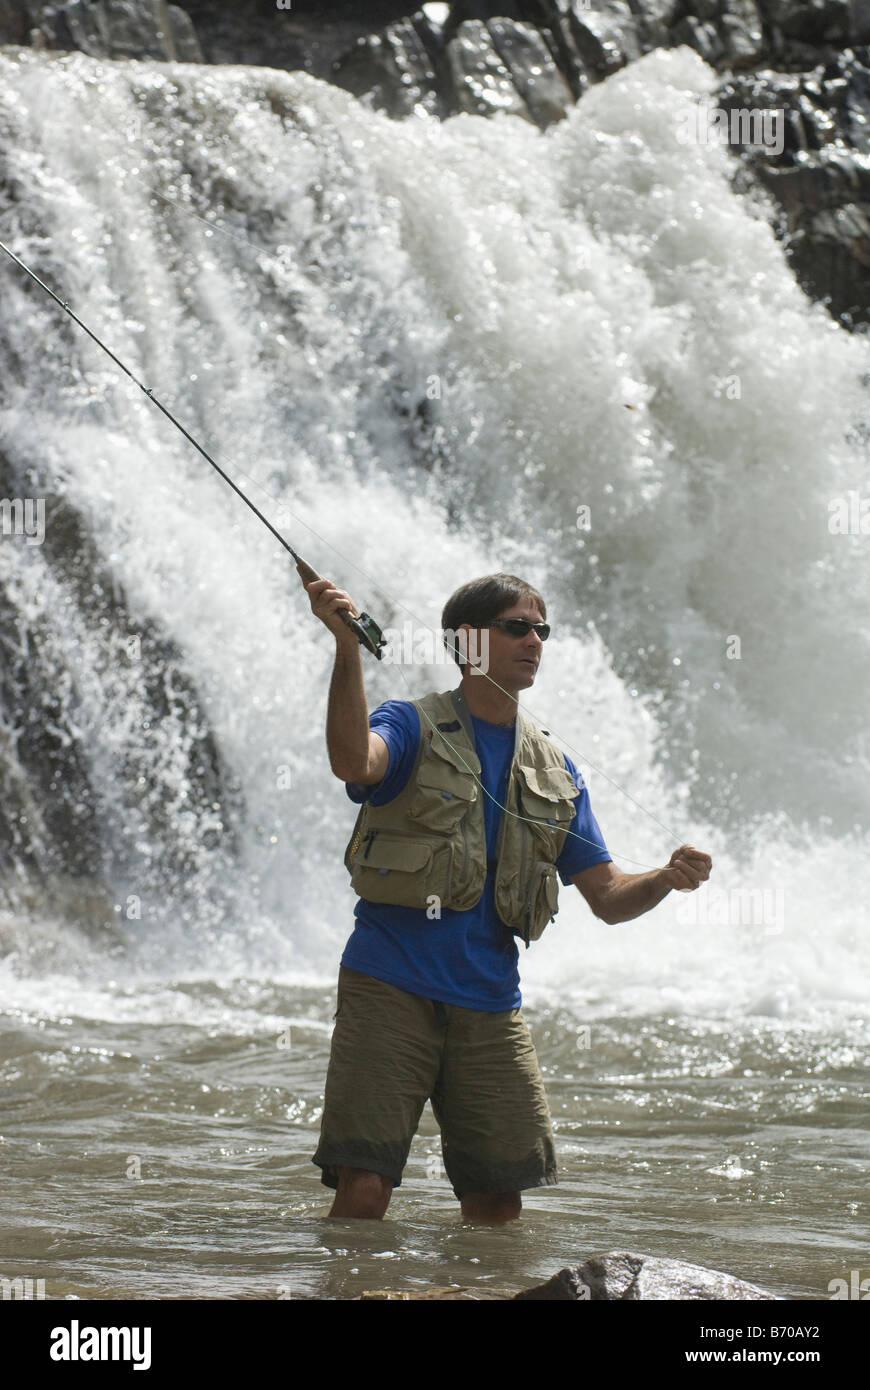 Pesca con mosca hombre debajo de Crystal Falls, Marble, Colorado. Imagen De Stock